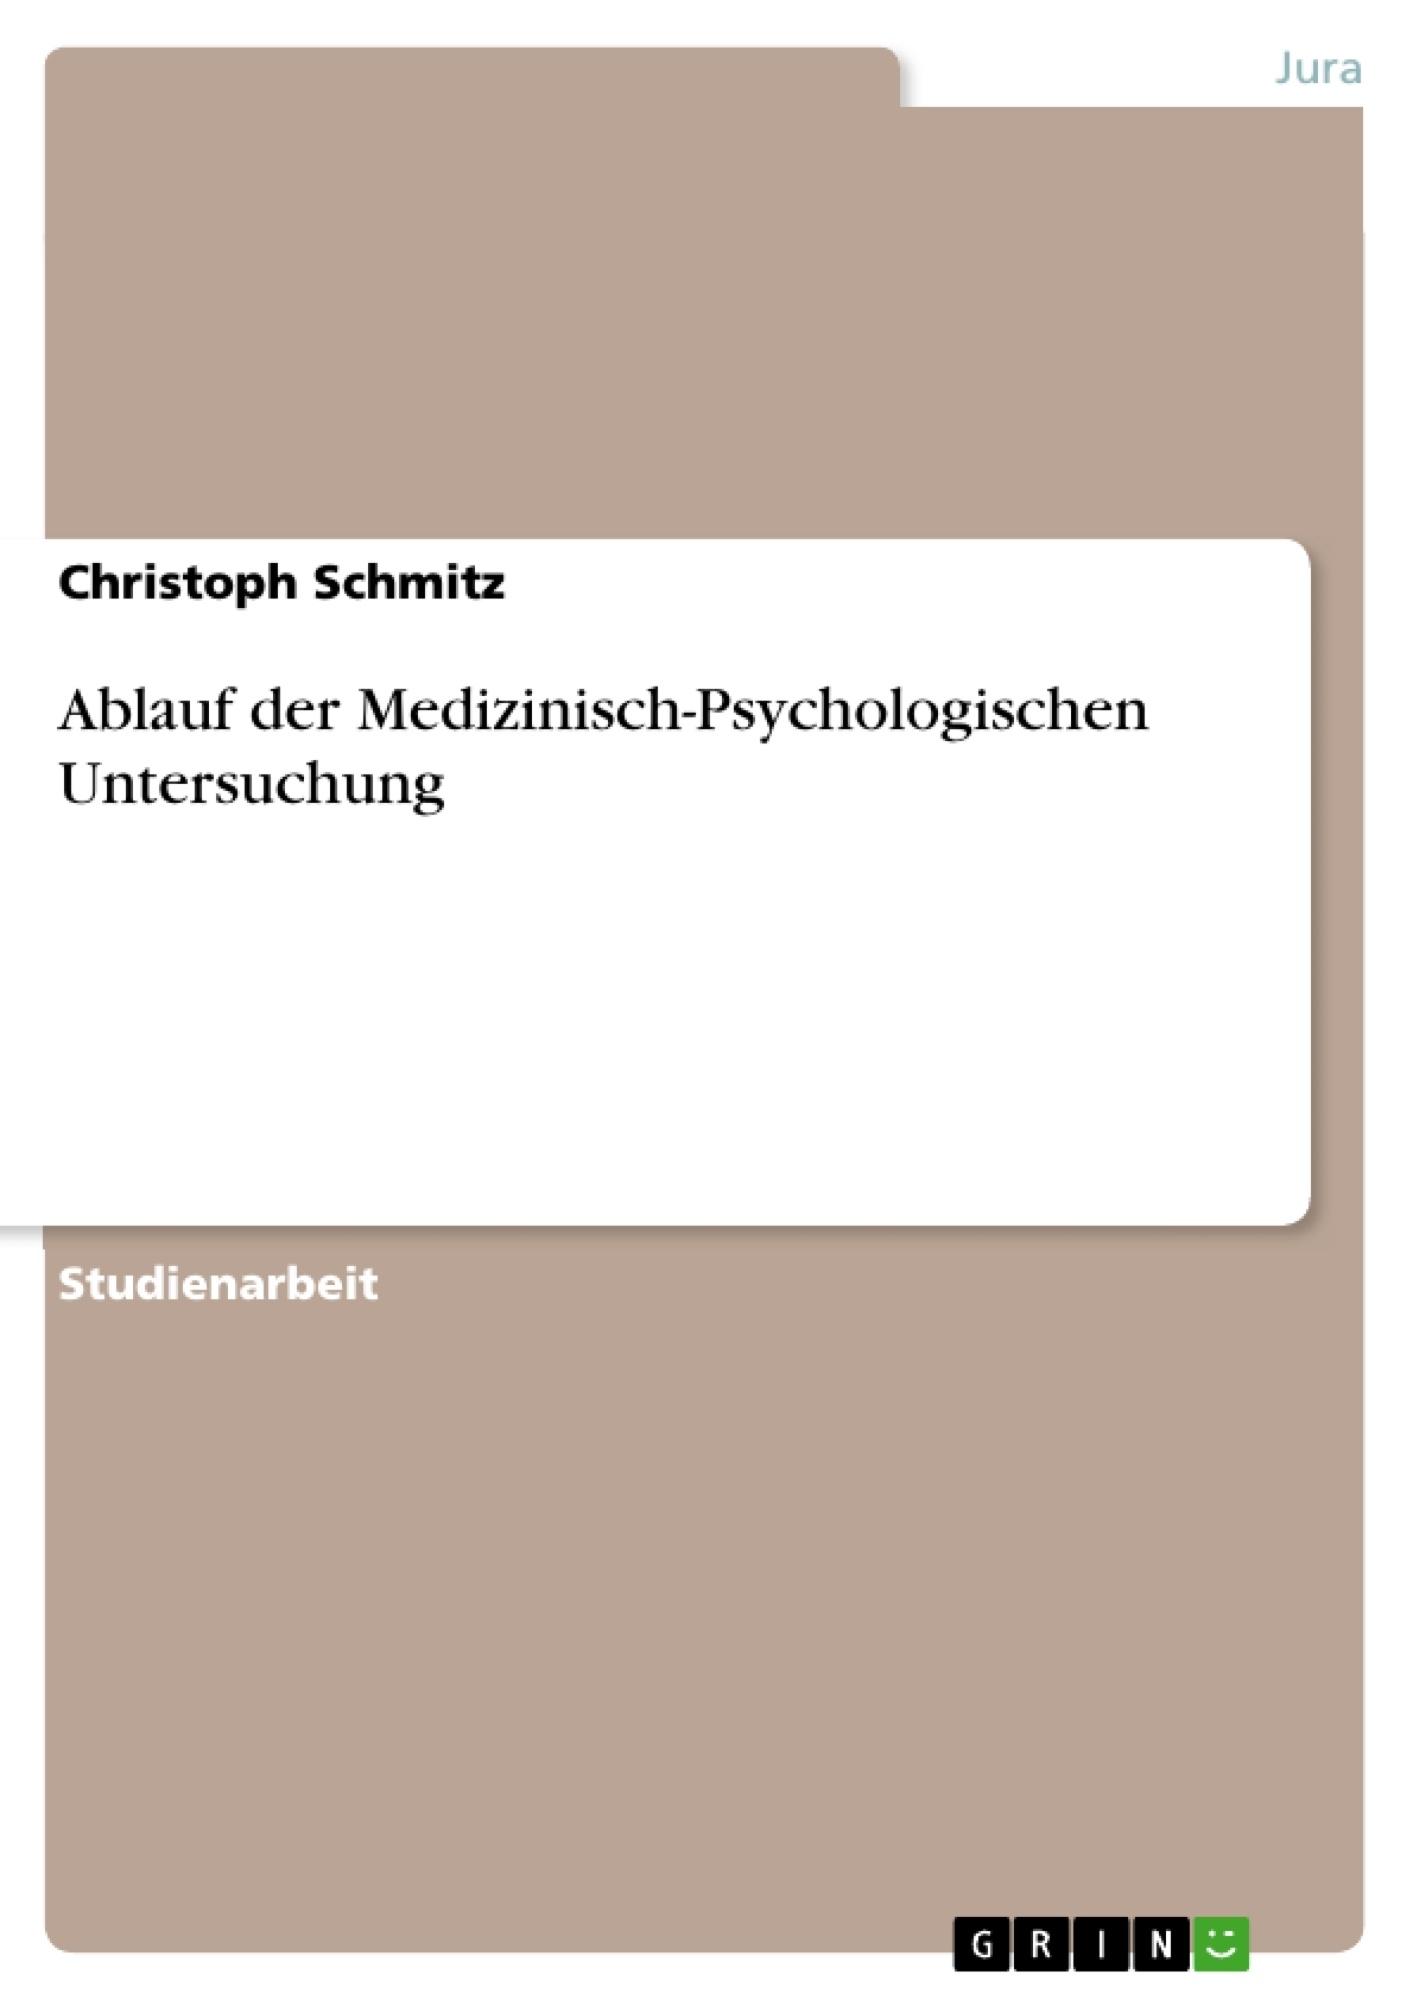 Titel: Ablauf der Medizinisch-Psychologischen Untersuchung